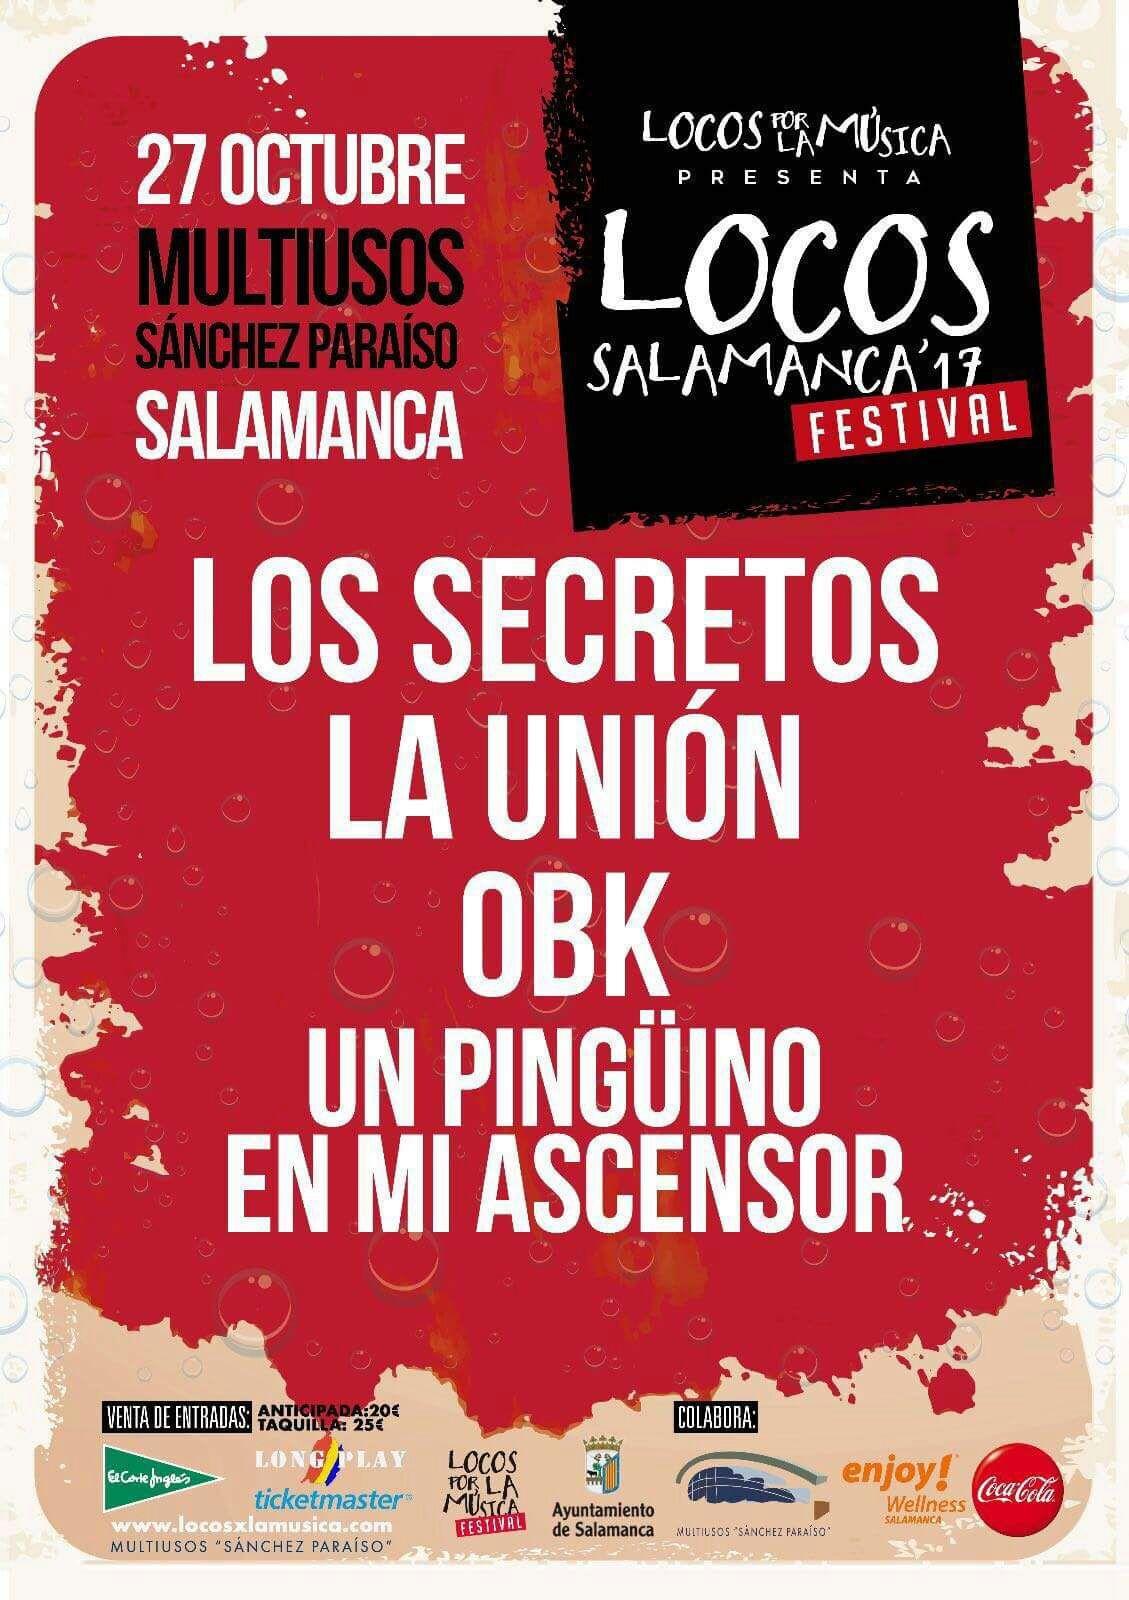 Locos Salamanca Sánchez Paraíso Octubre 2017